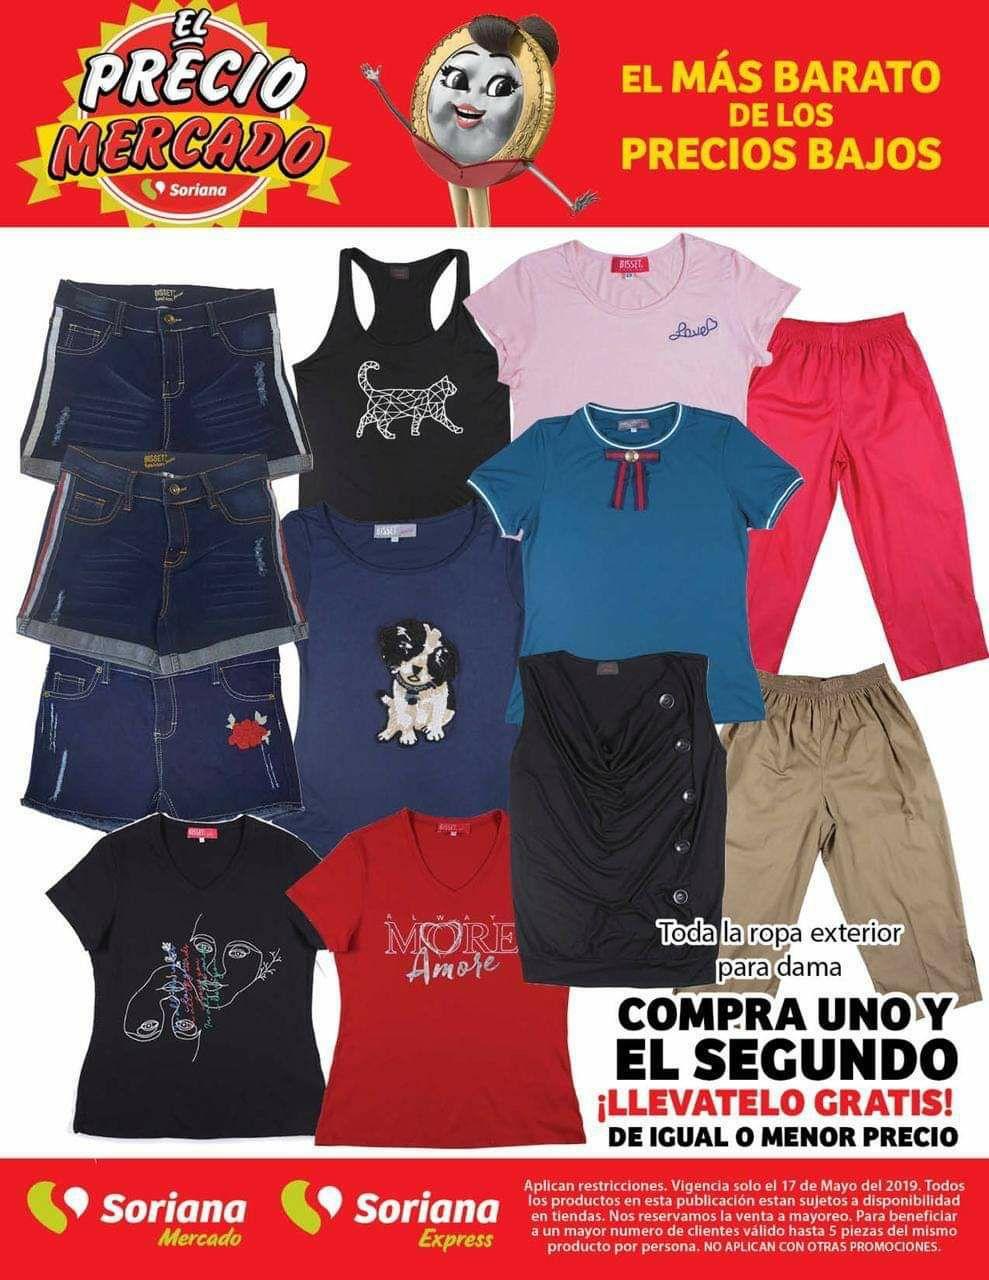 Soriana Mercado y Express: 2x1 en toda la ropa exterior para dama solo 17 de Mayo